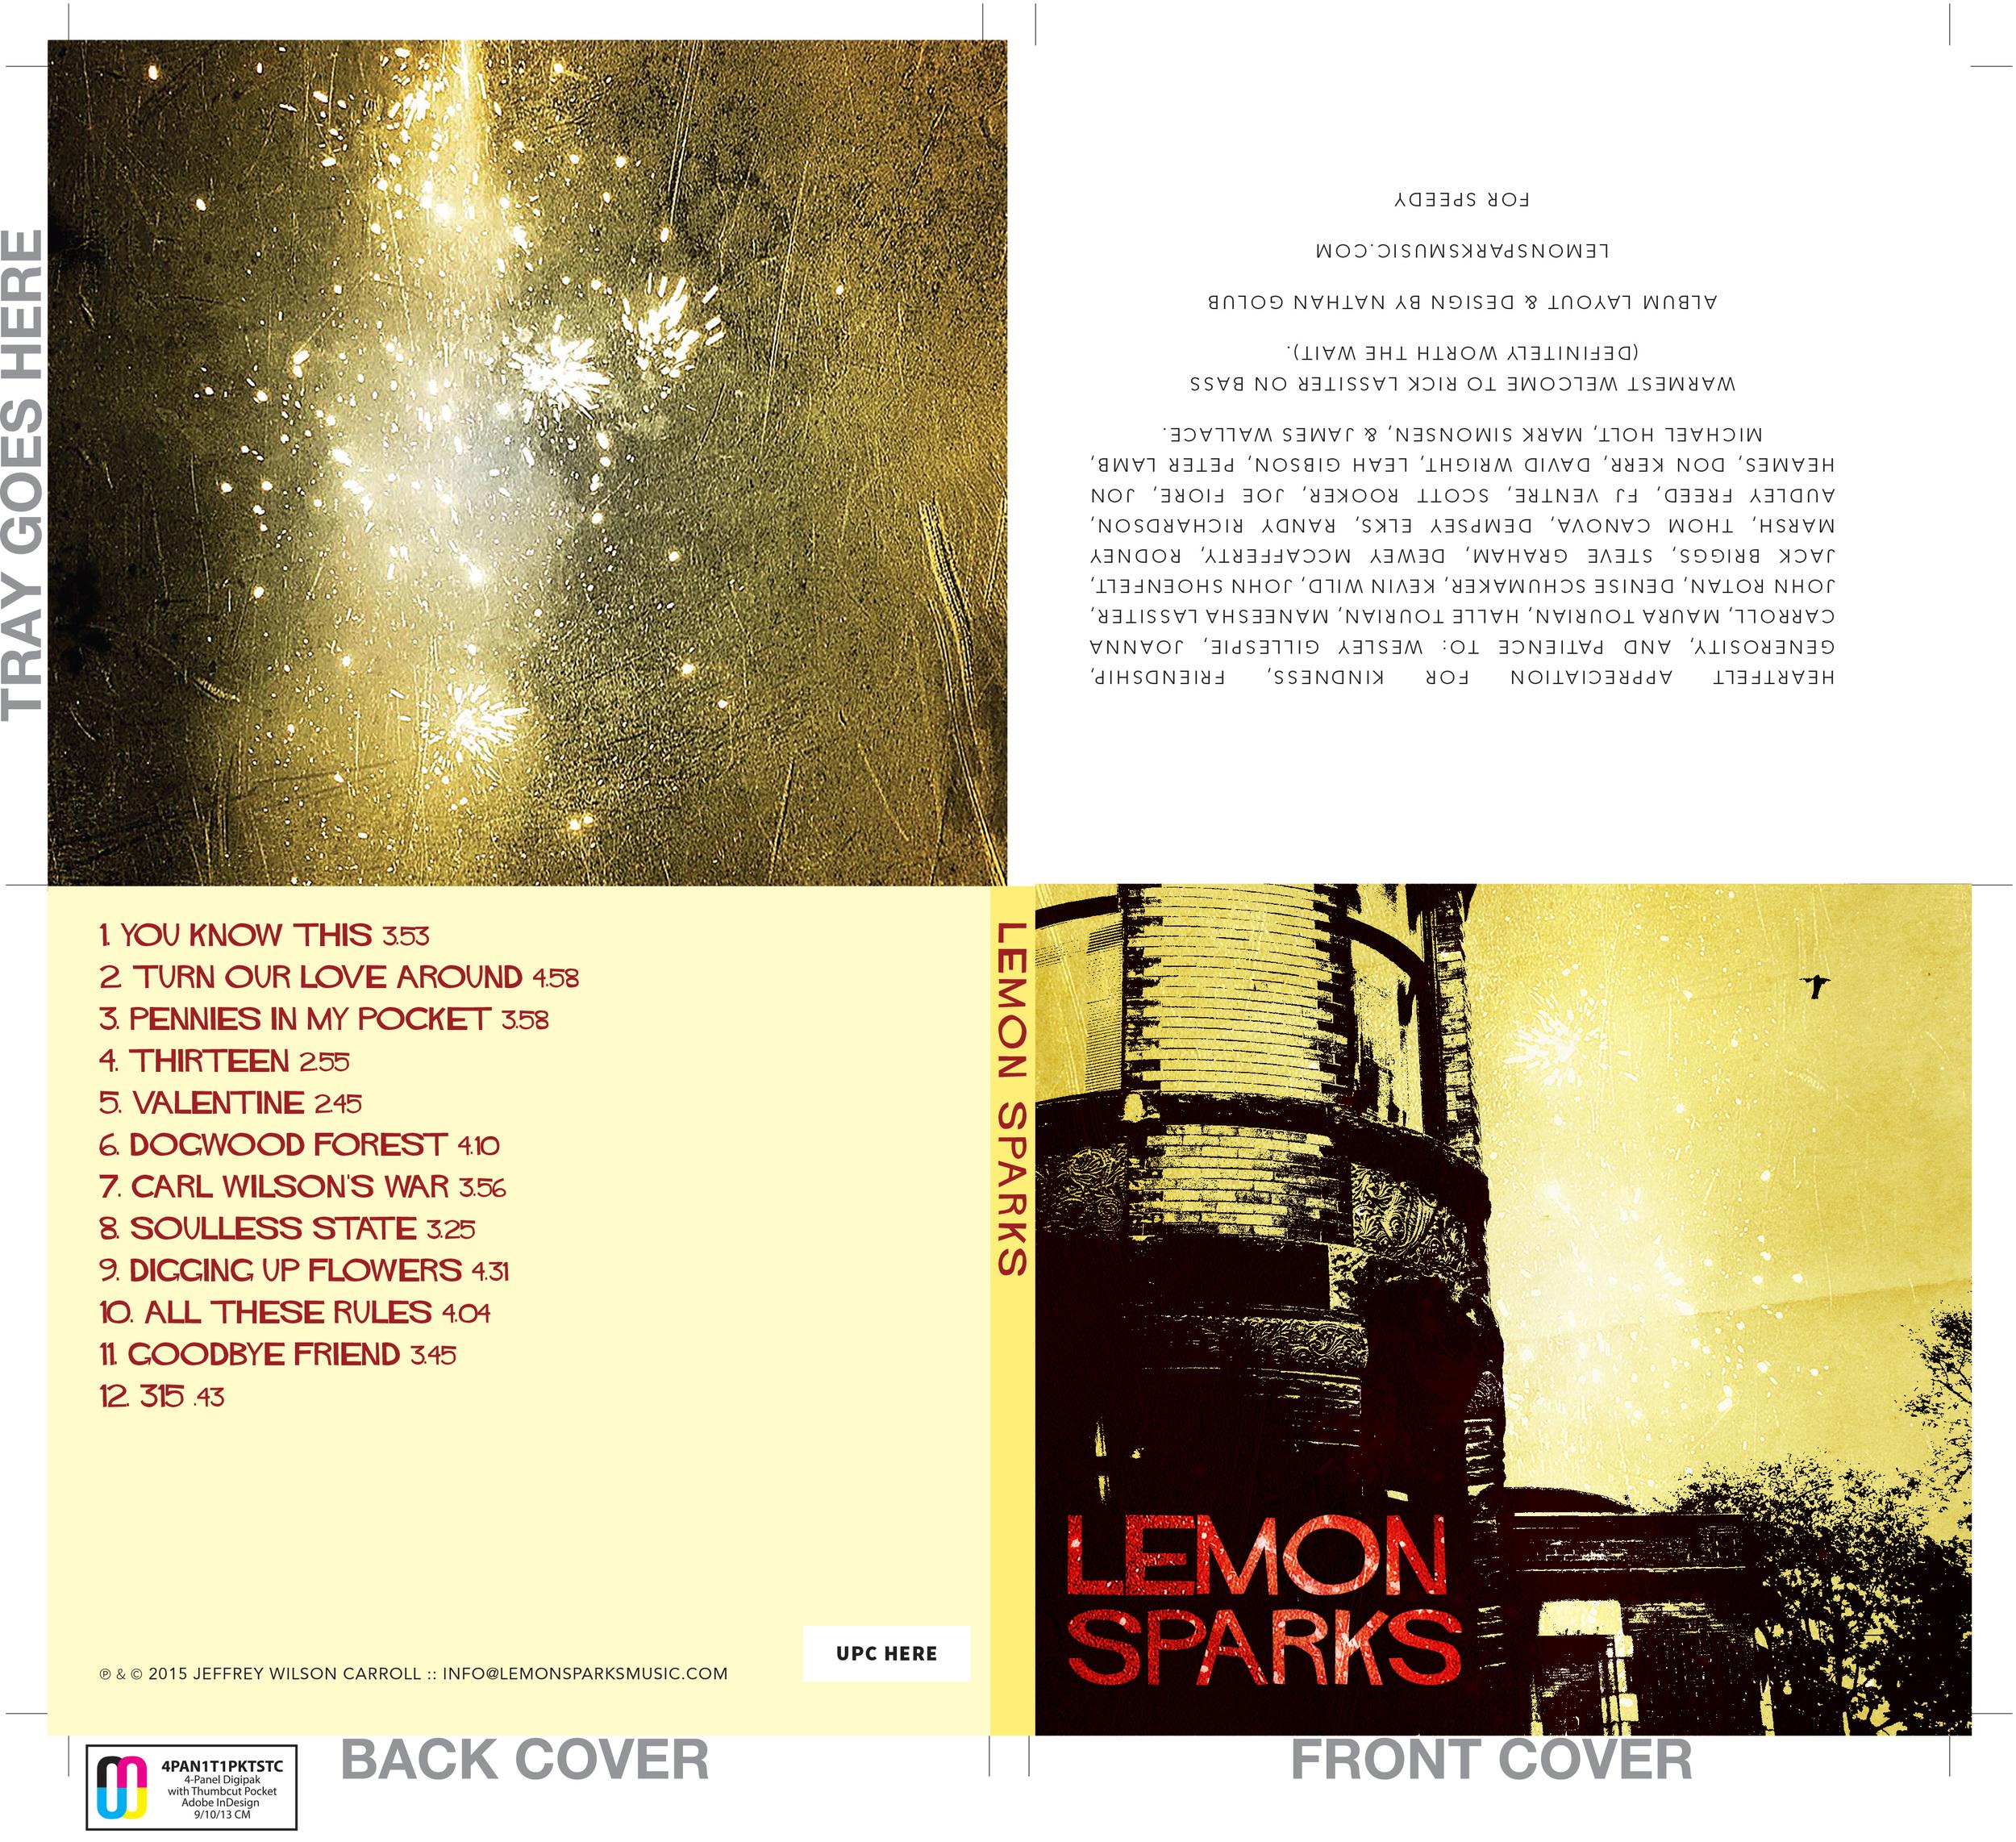 LemonSparks_4PAN1T1PKSTC.jpg